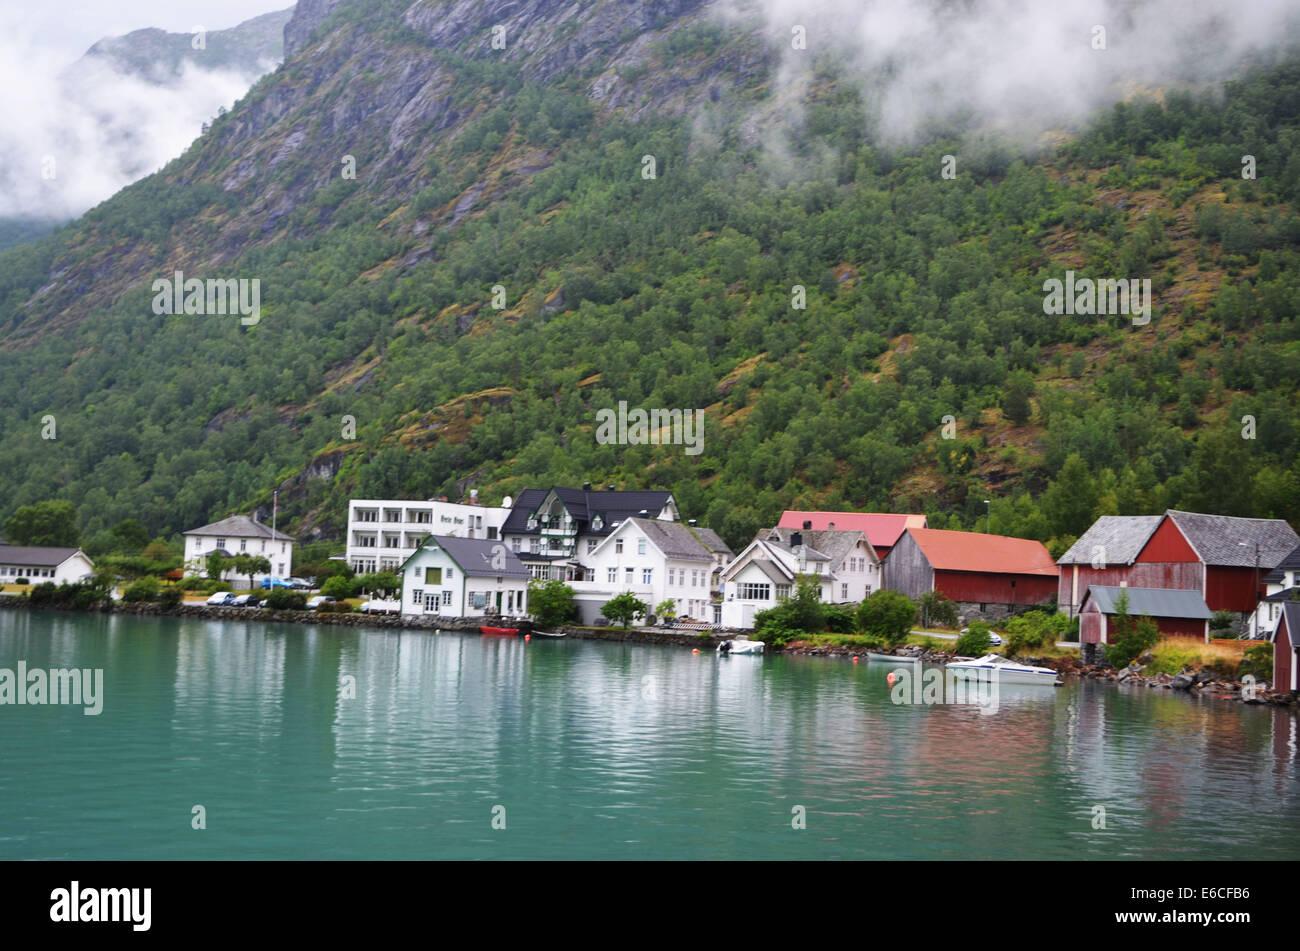 Eine Bus-Tour beginnt mit einem Dorf mit hübschen Häusern am See. Stockbild